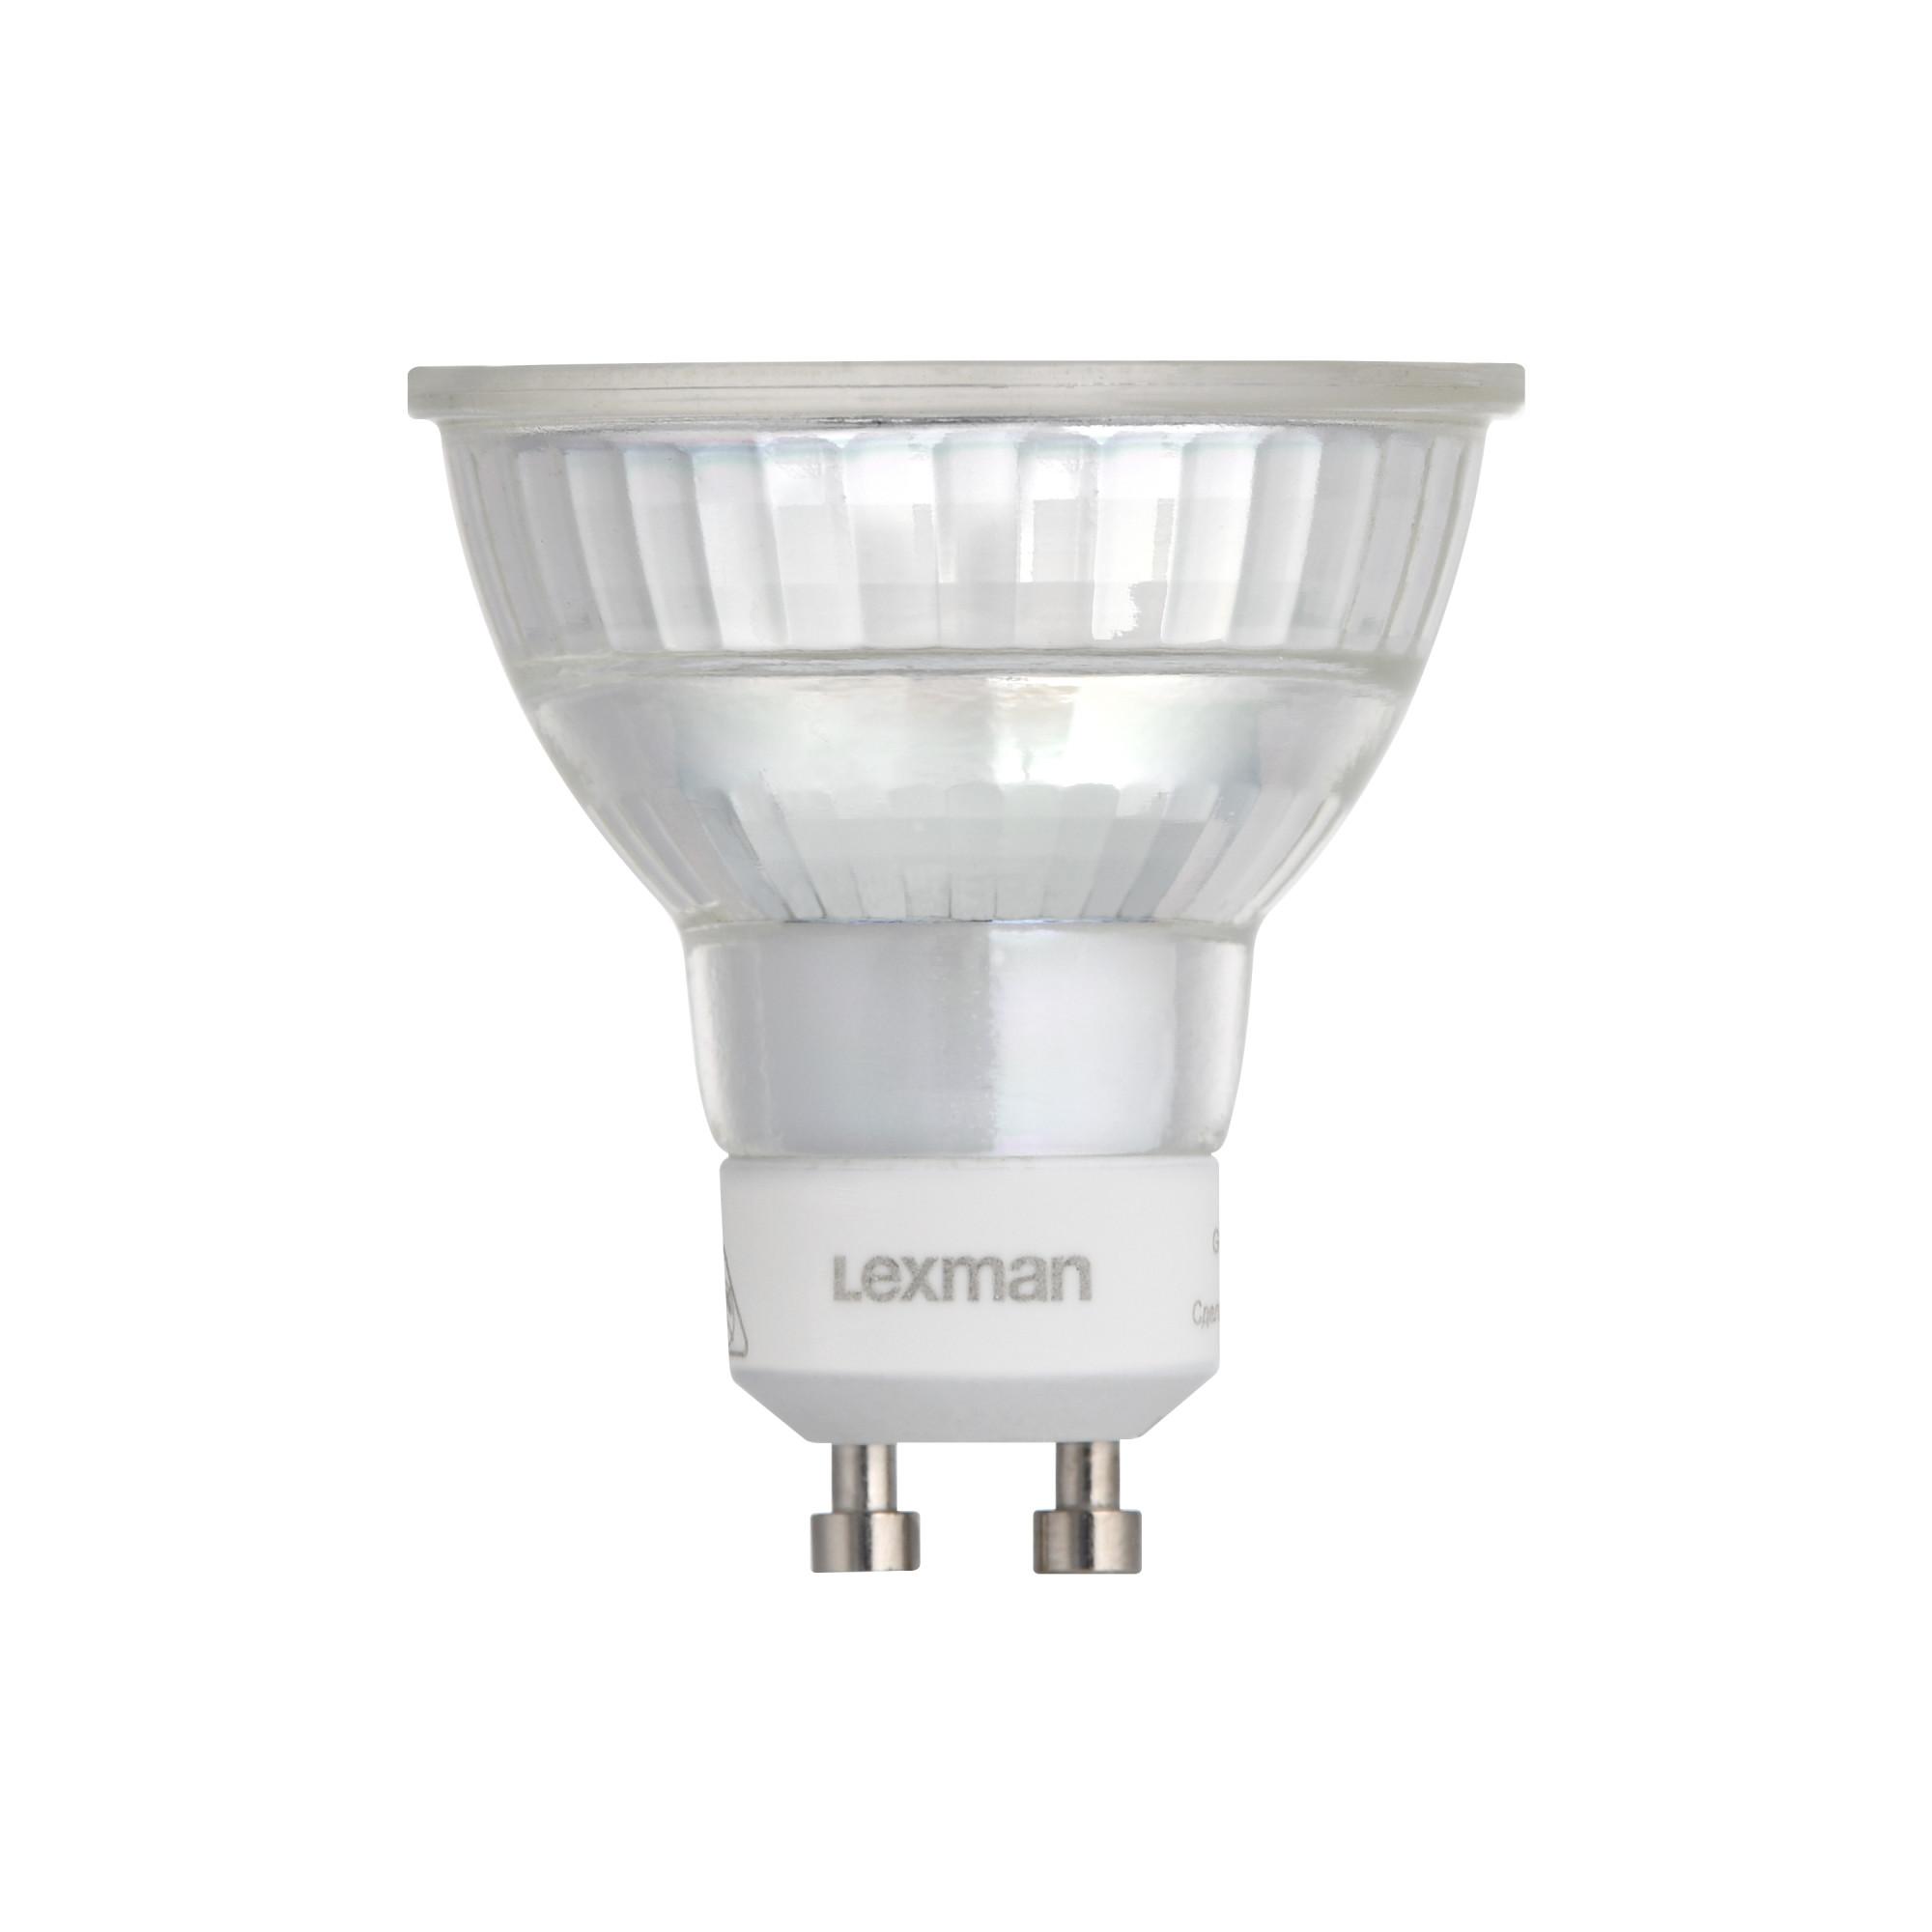 Лампа светодиодная Lexman GU10 220 В 5.2 Вт зеркальная прозрачная 460 лм белый свет